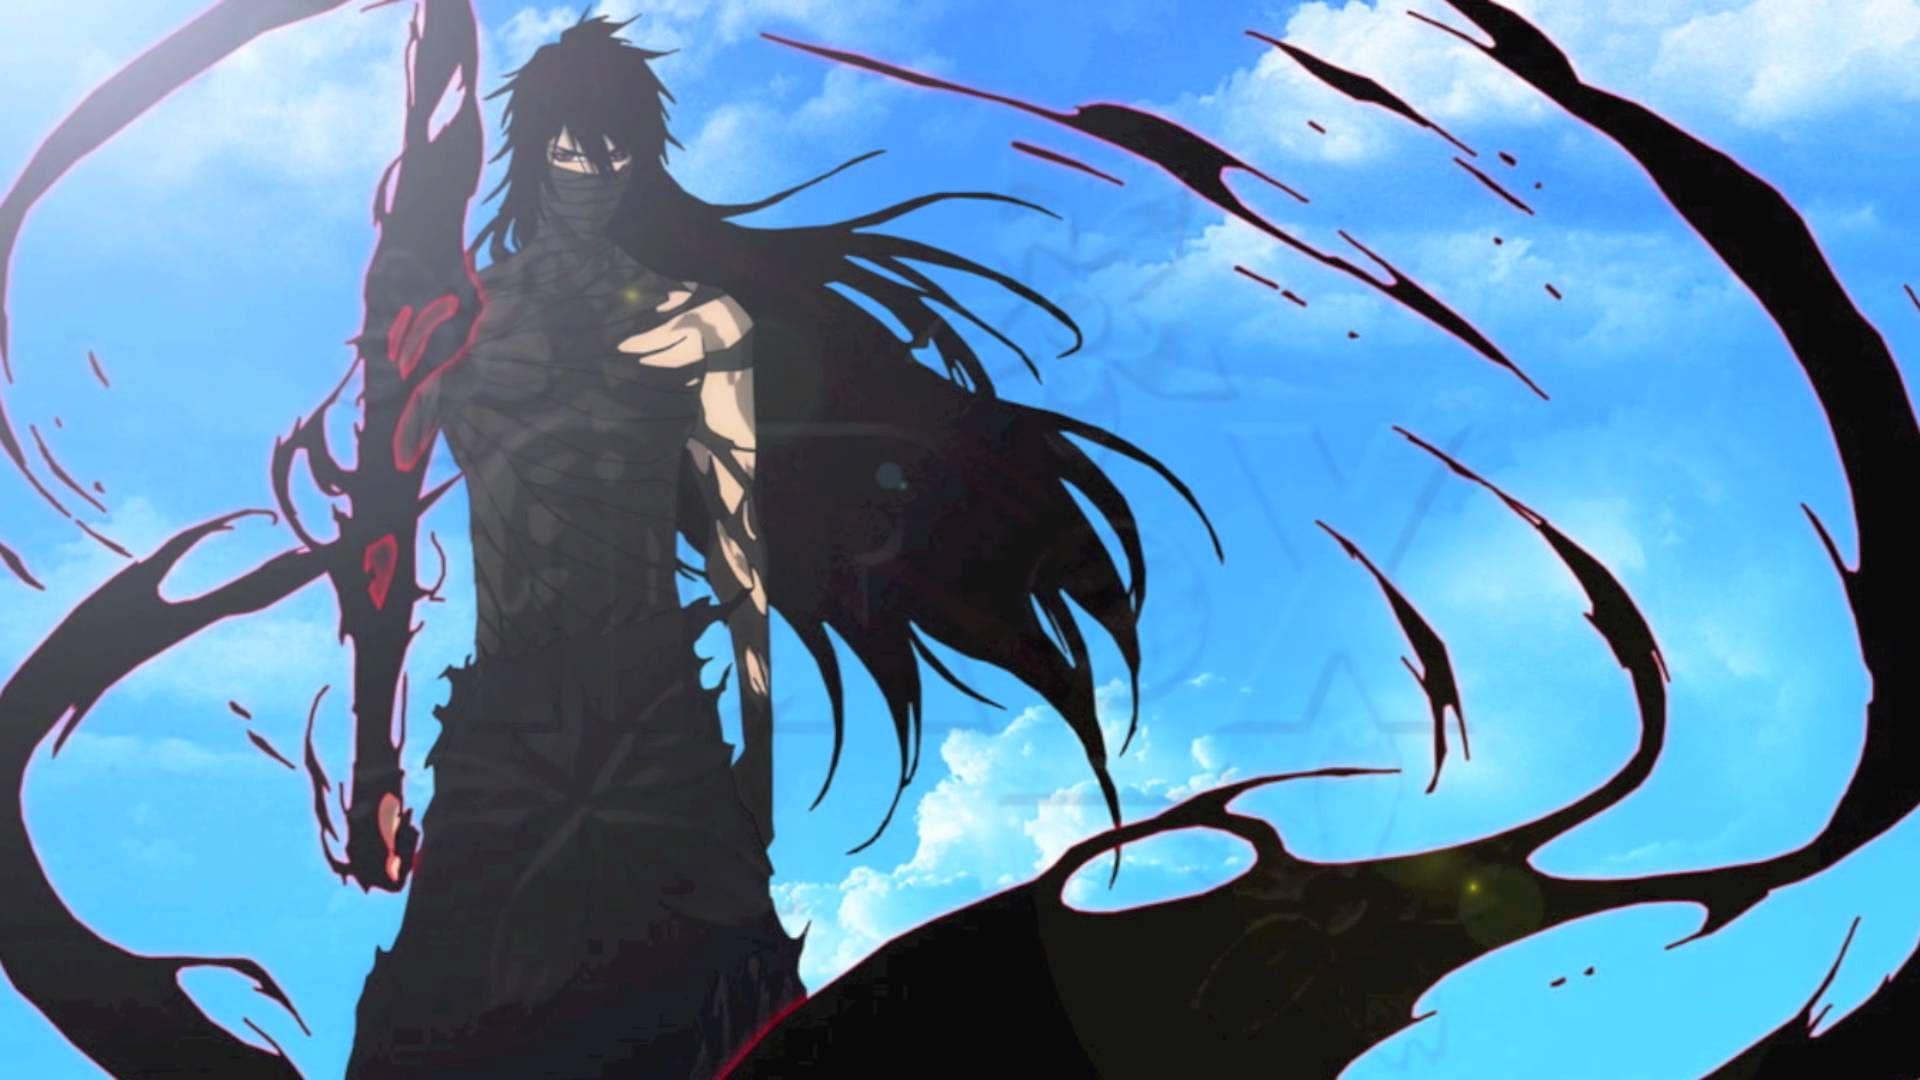 Ichigo Final Form Getsuga Tenshou Bleach Art Anime Anime Fantasy